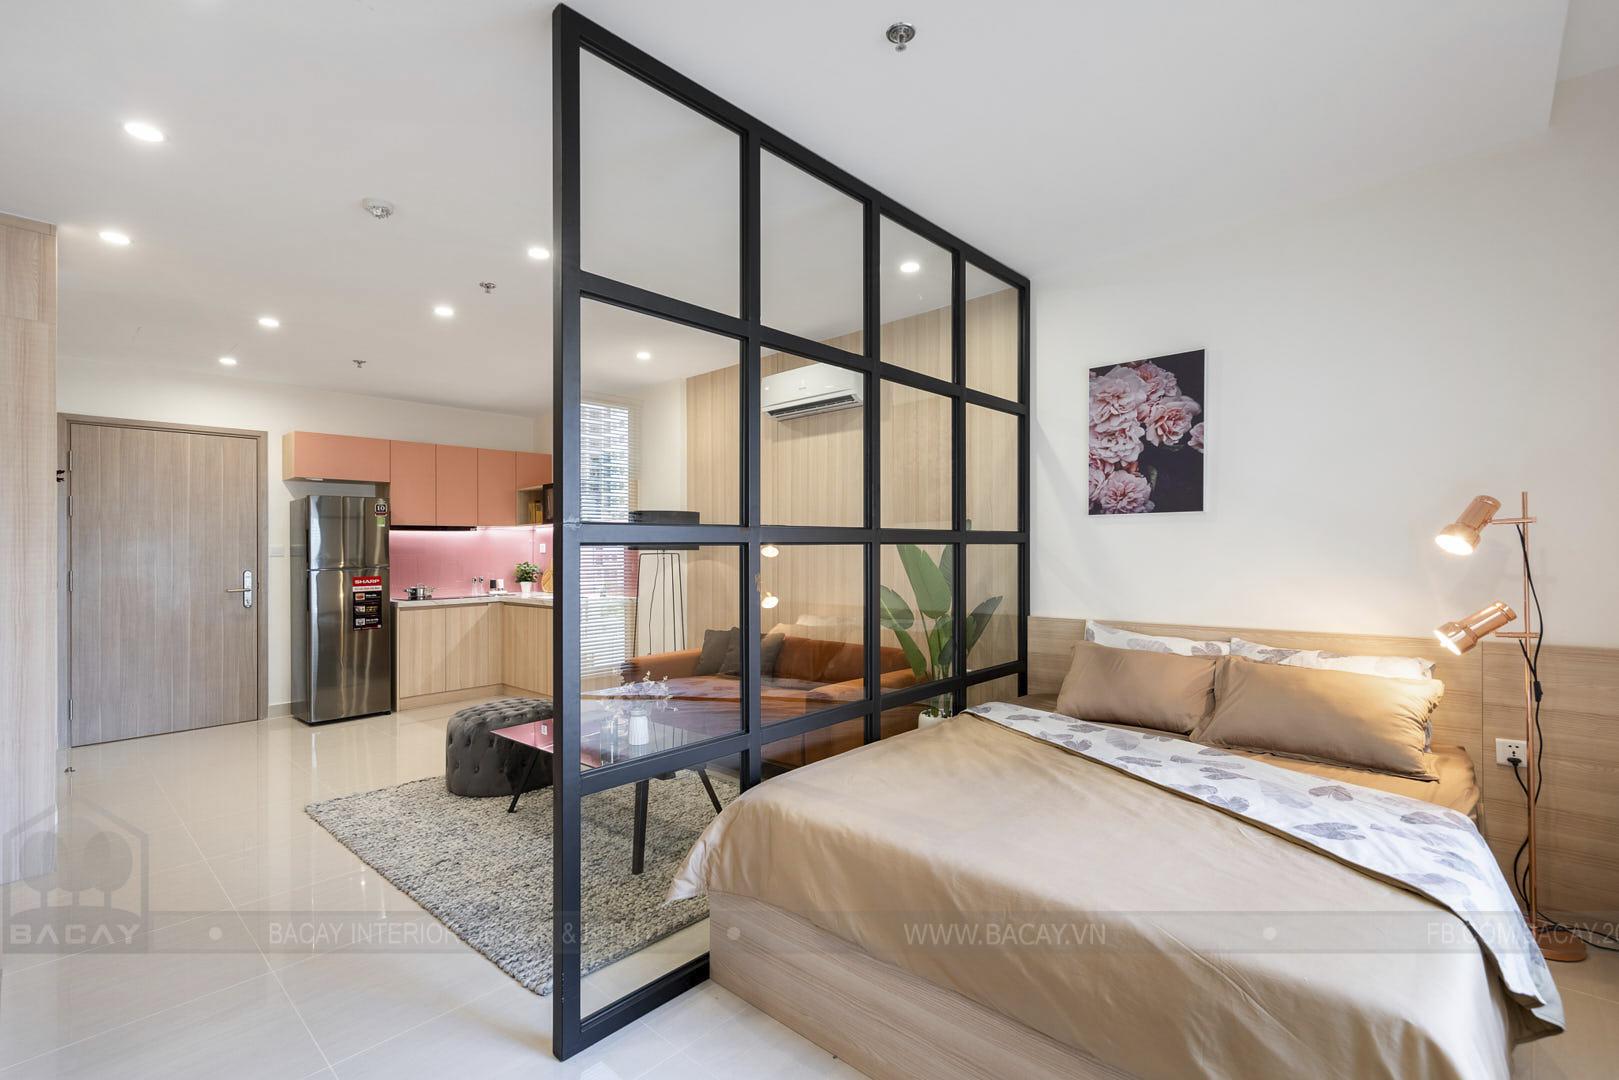 Phòng ngủ riêng tư nhờ vách ngăn kính